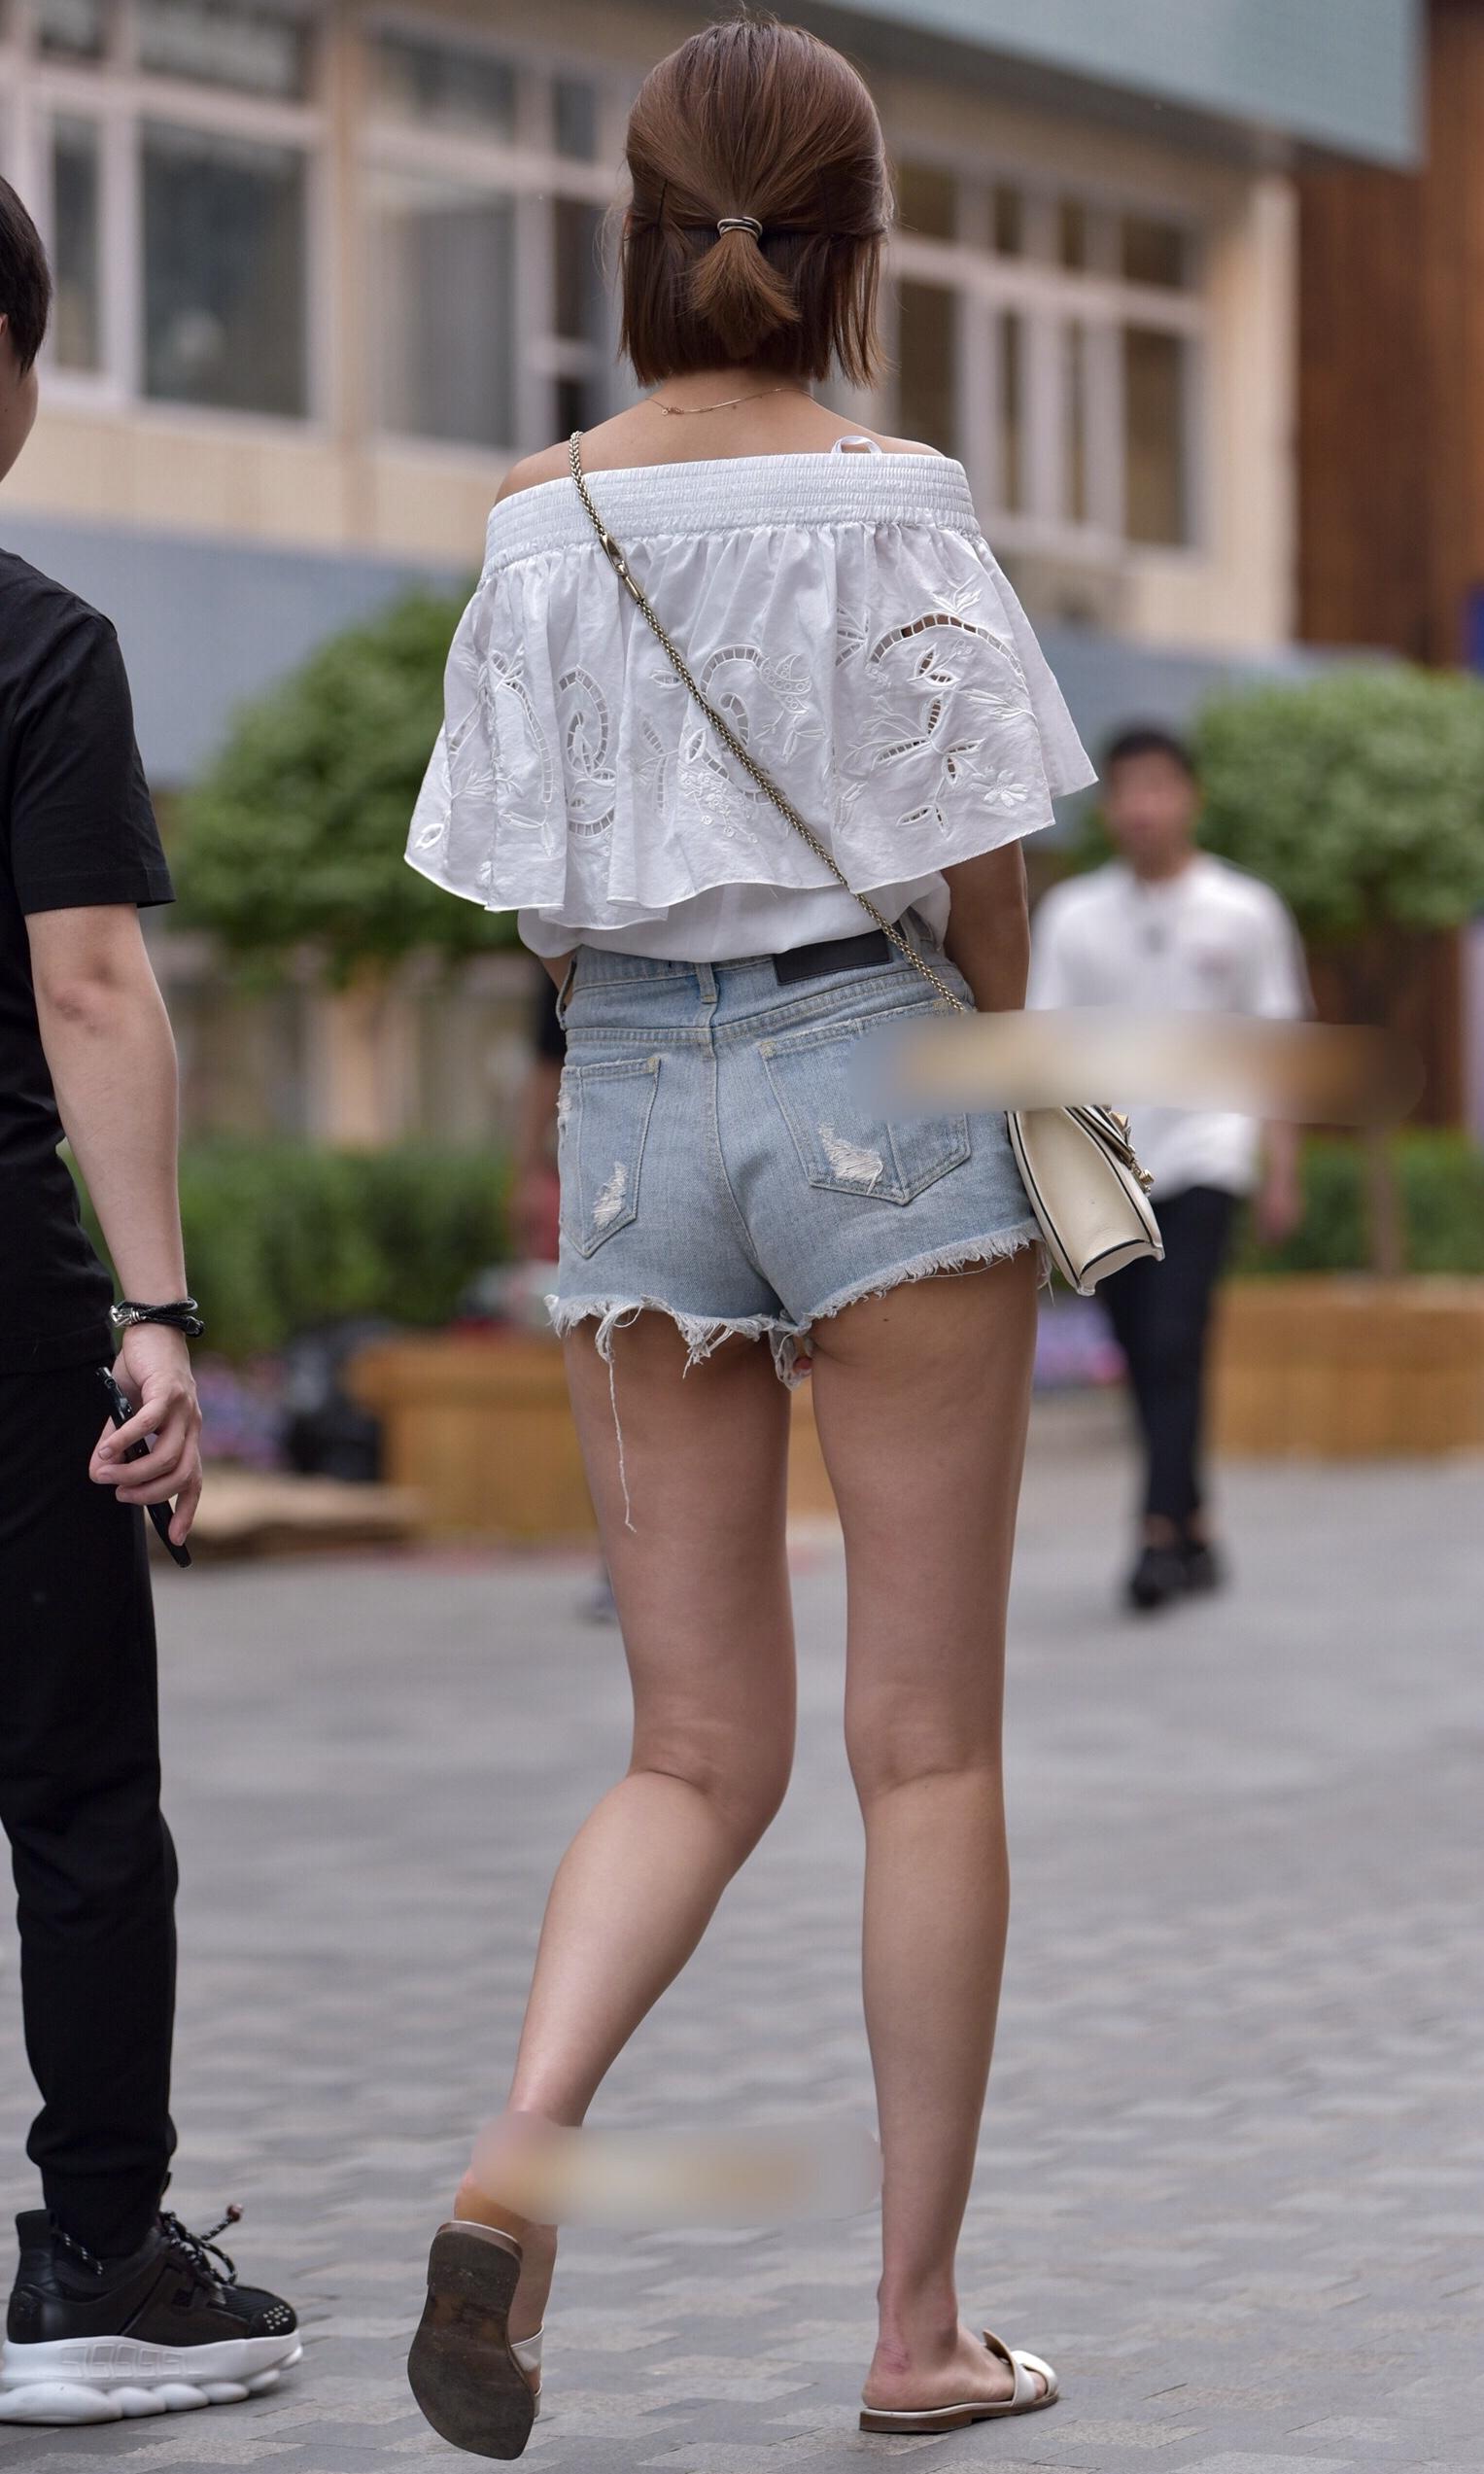 お尻や太ももがエッチなショートパンツ女子を街撮りした素人エロ画像-027